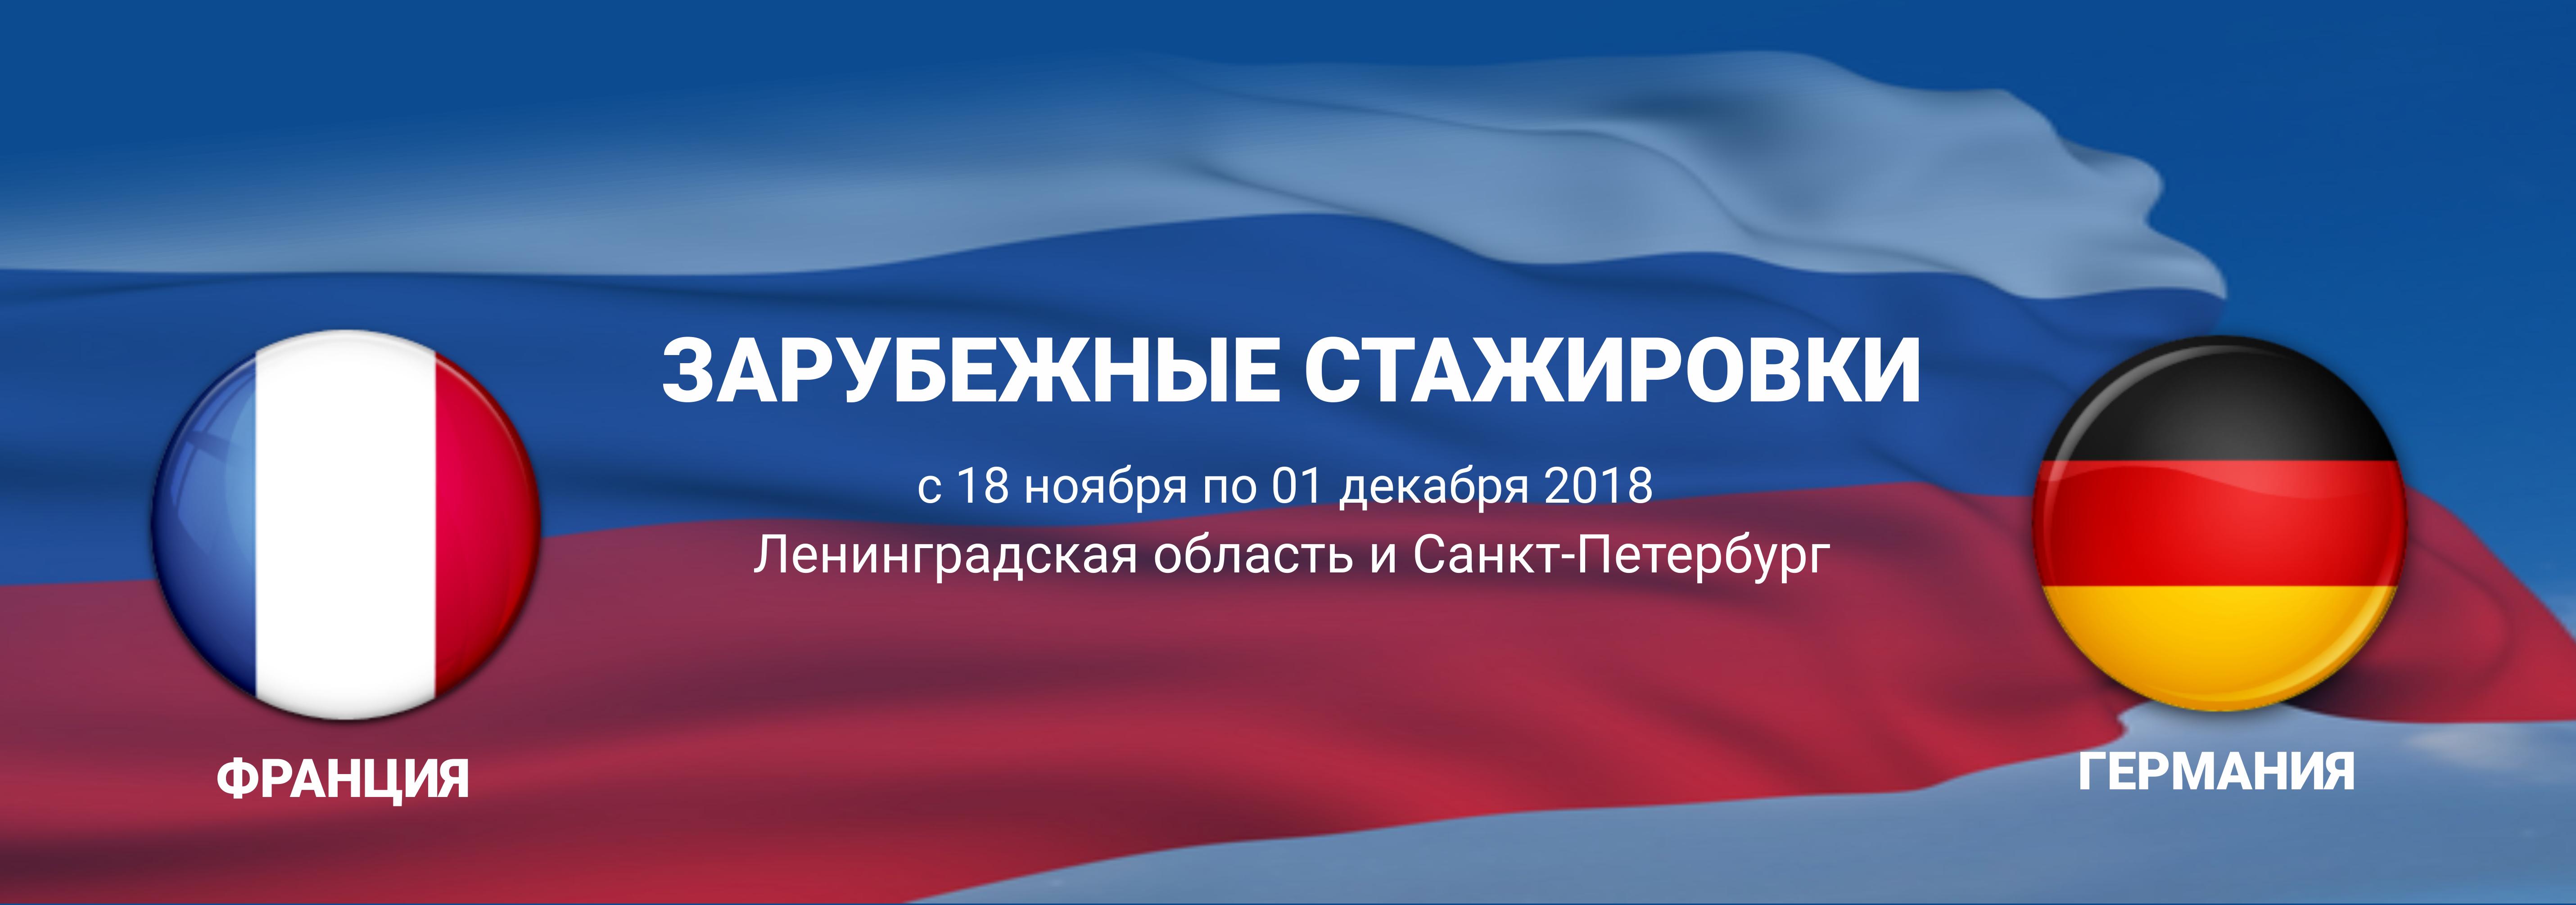 зарубежные стажировки в России